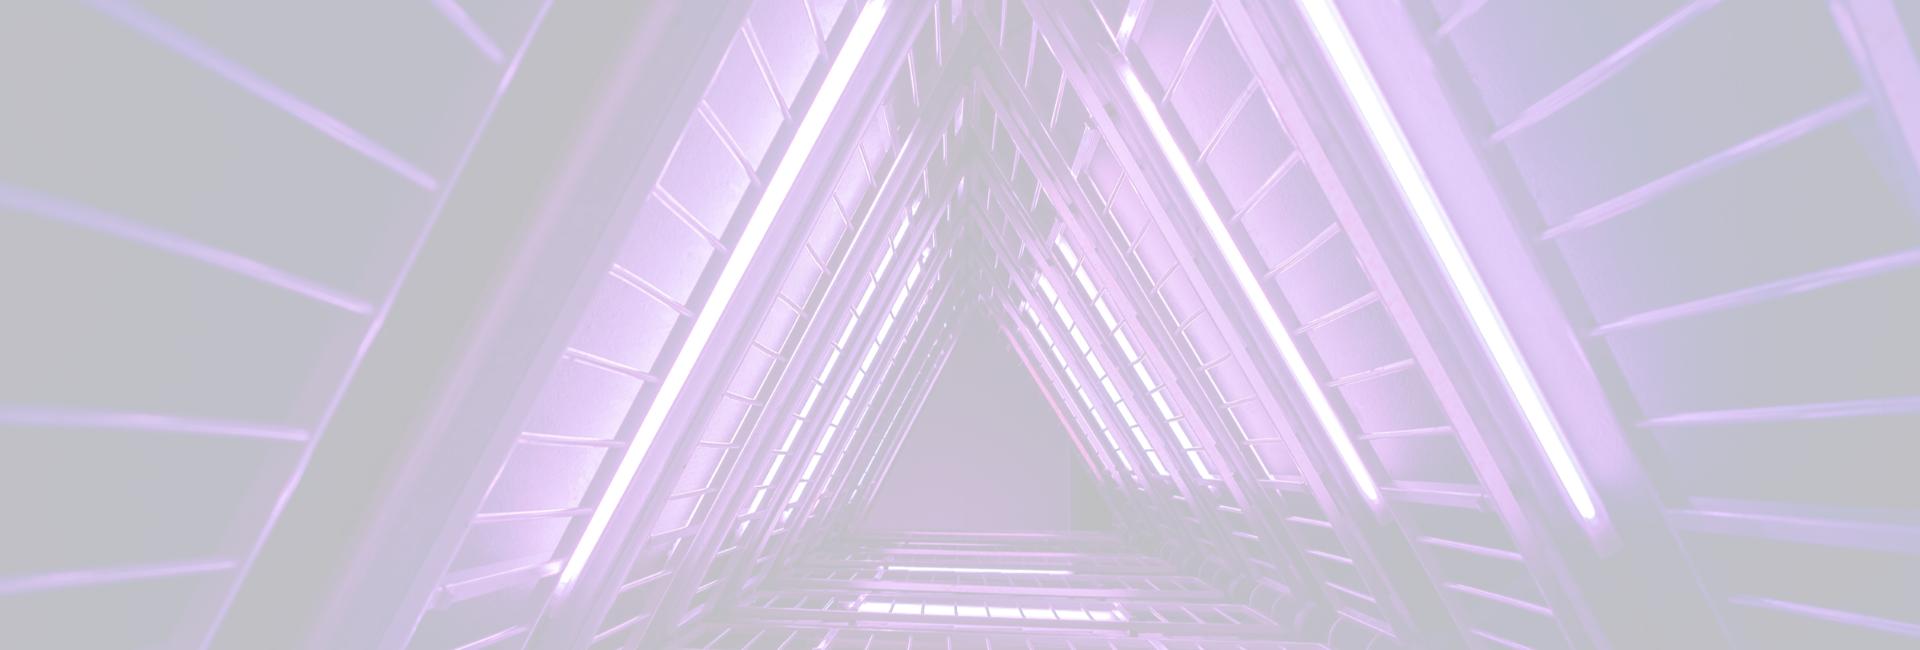 Focus op je doel en gebruik een bewezen groeiplan - Image: Driehoekige ruimte in een hoog gebouw